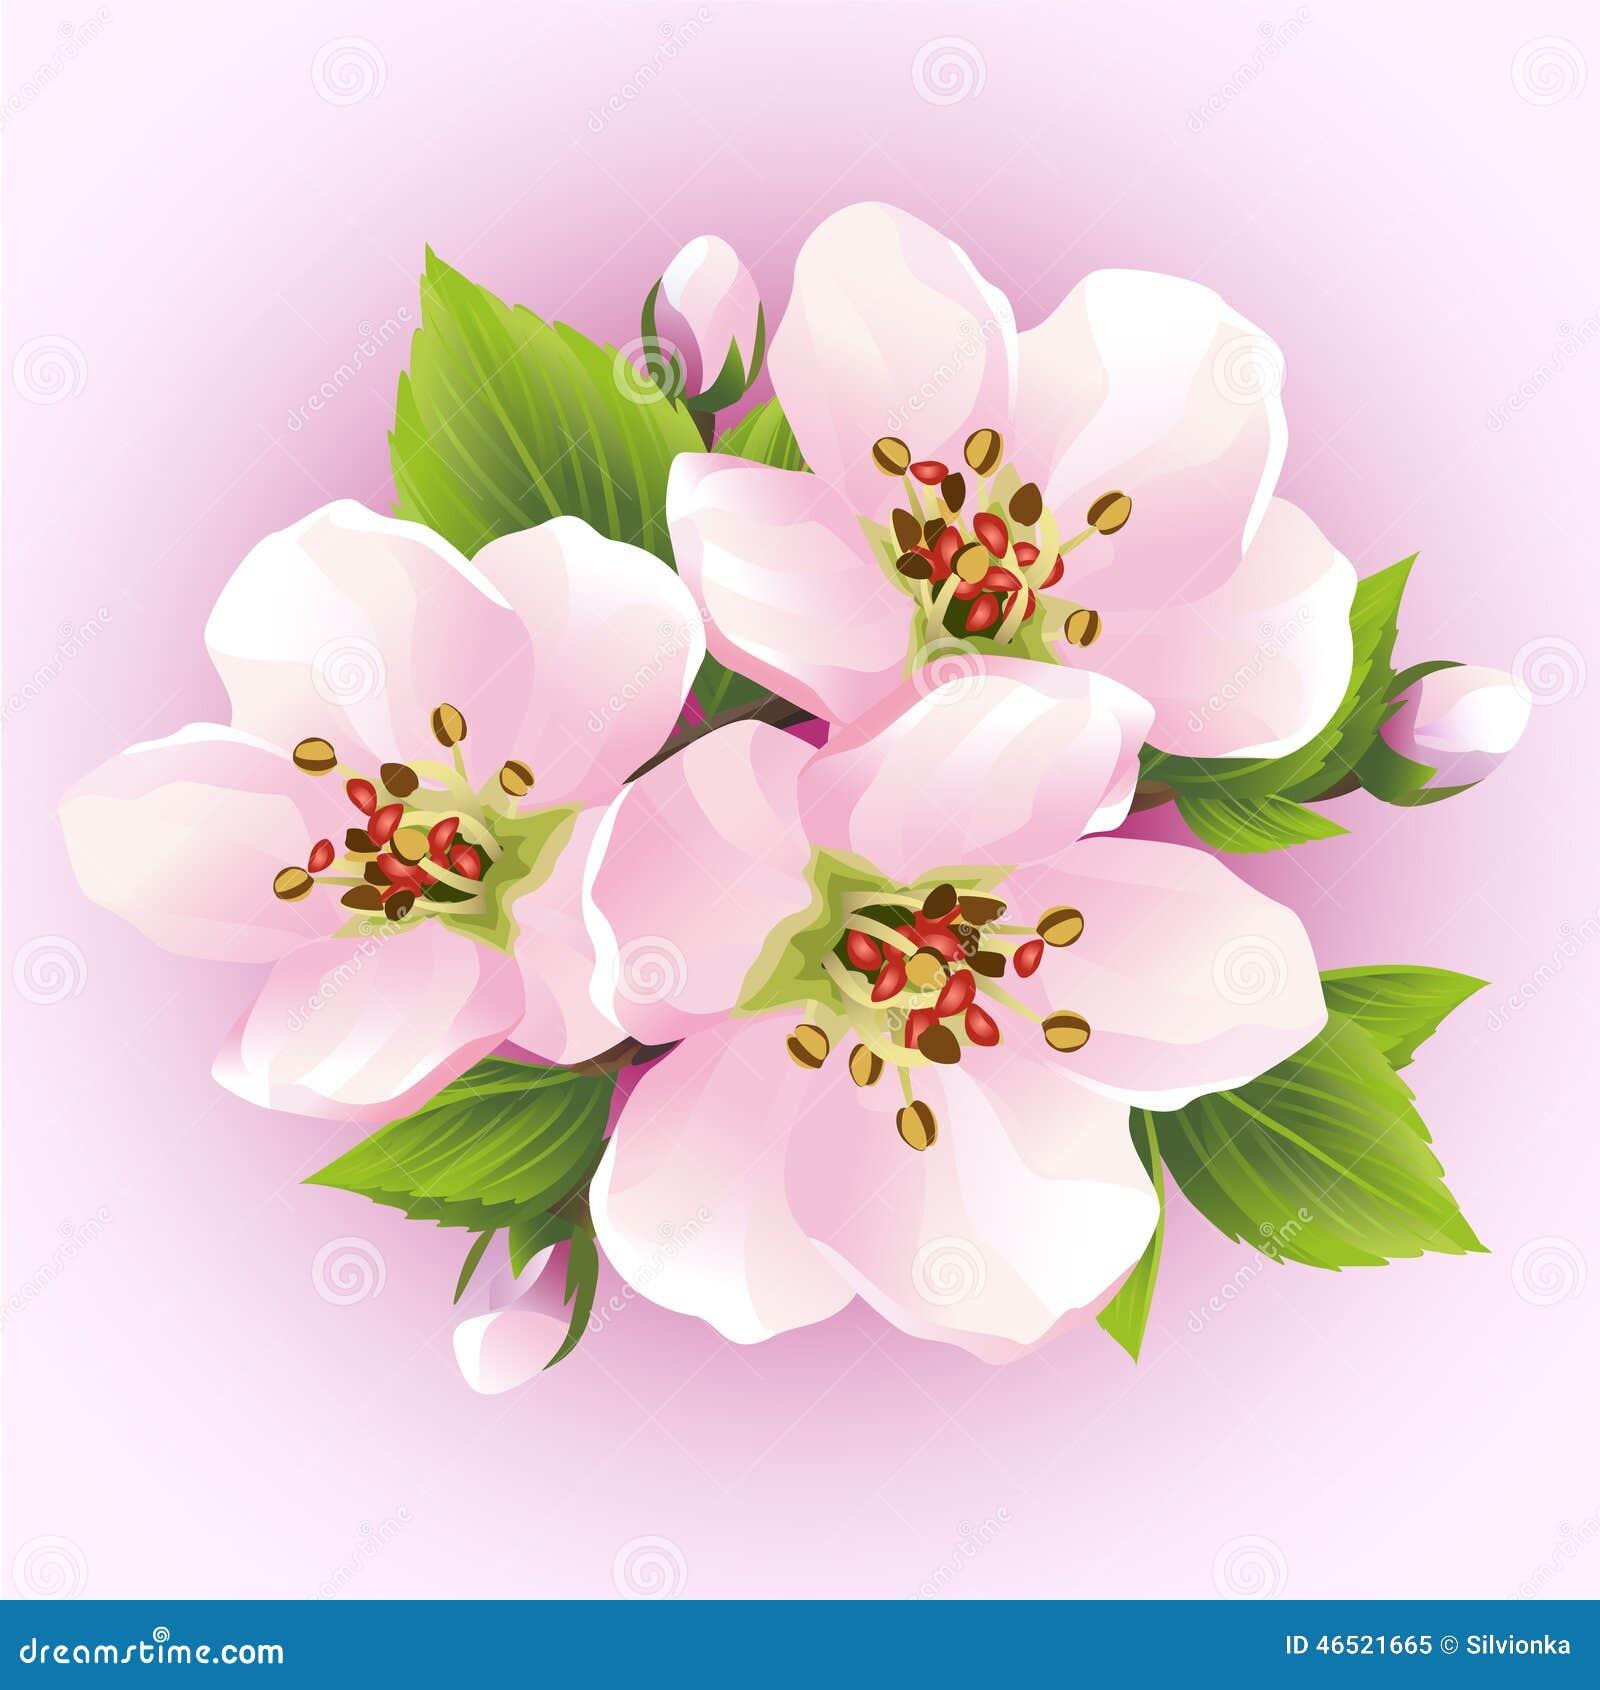 Sakura Tree Drawing Wallpaper